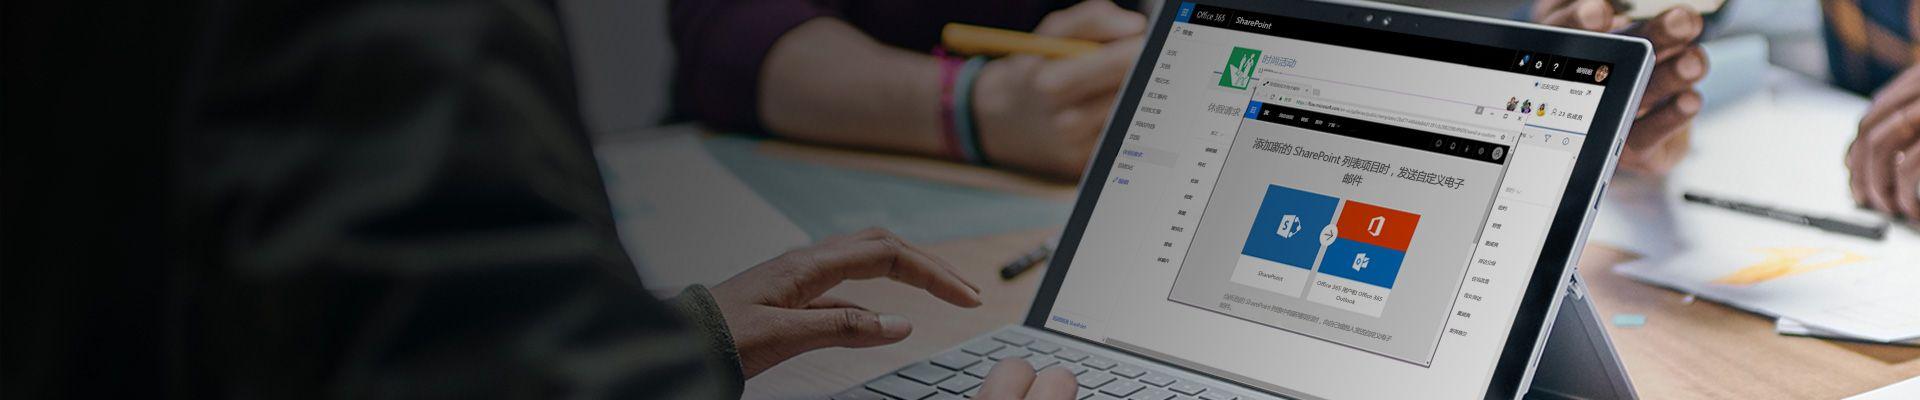 正在一台笔记本电脑上运行的 Flow 和 SharePoint